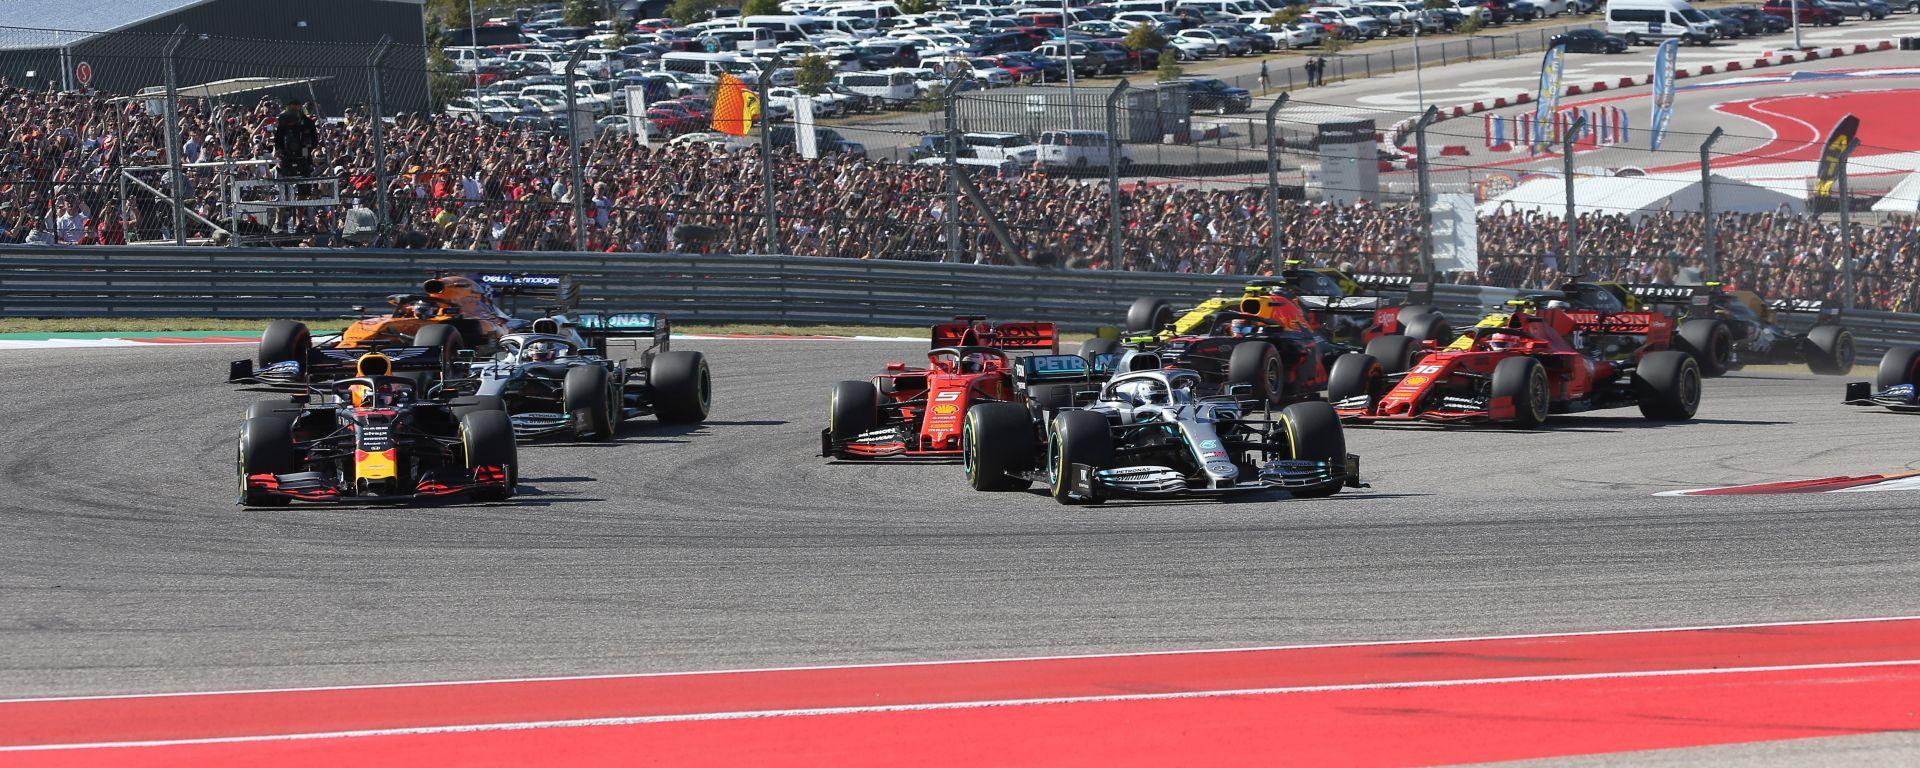 F1 GP USA 2019, Austin: la partenza